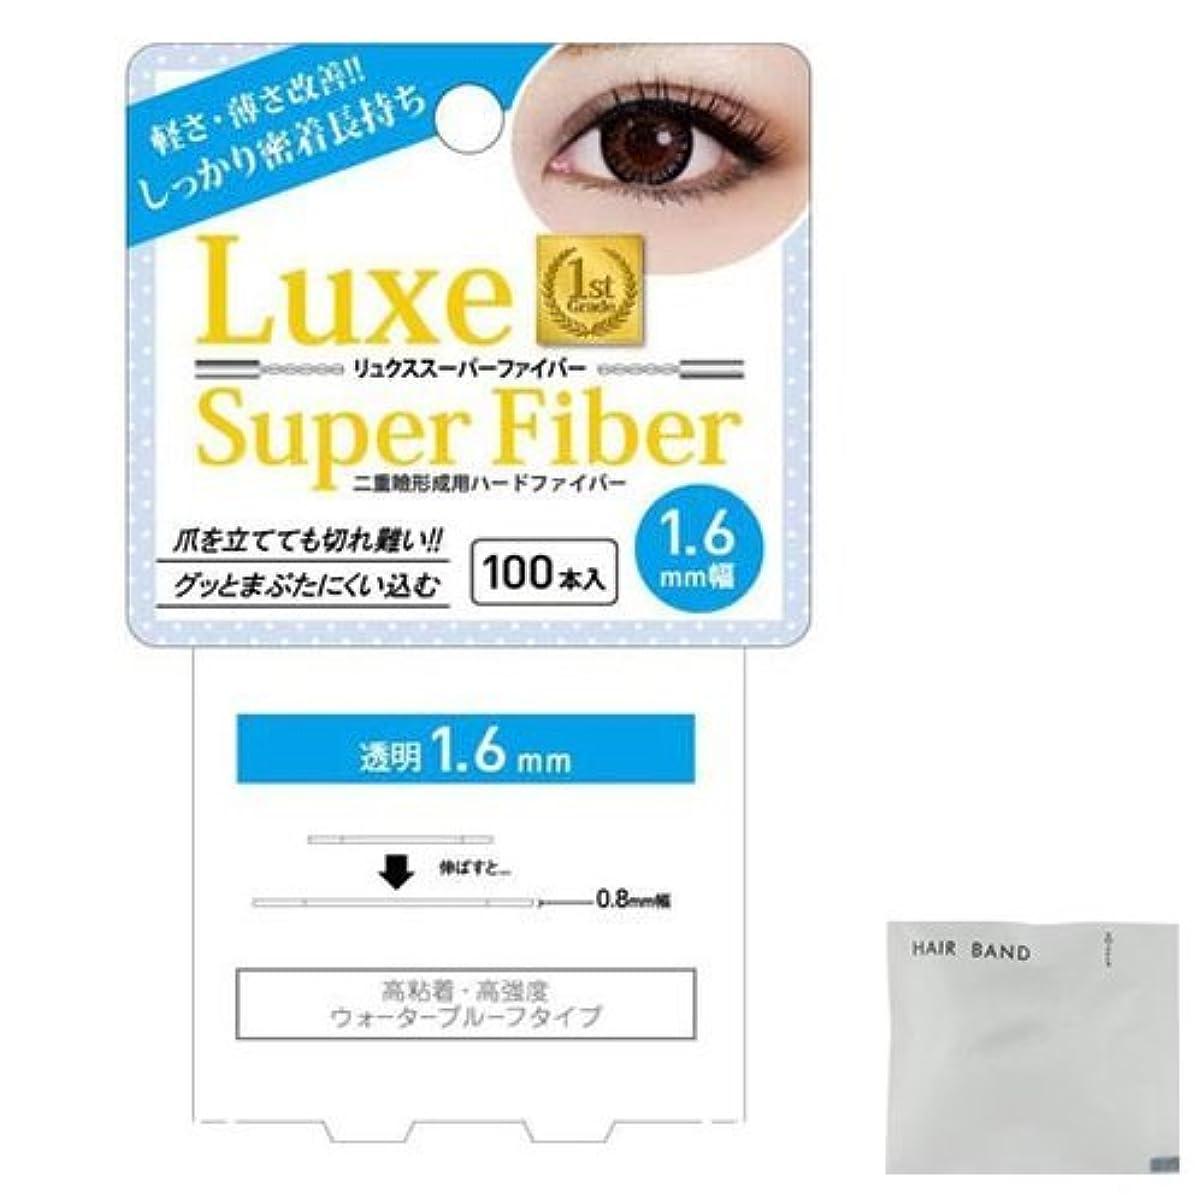 登録カーペット校長Luxe スーパーファイバーⅡ (Super Fiber) クリア1.6mm + ヘアゴム(カラーはおまかせ)セット